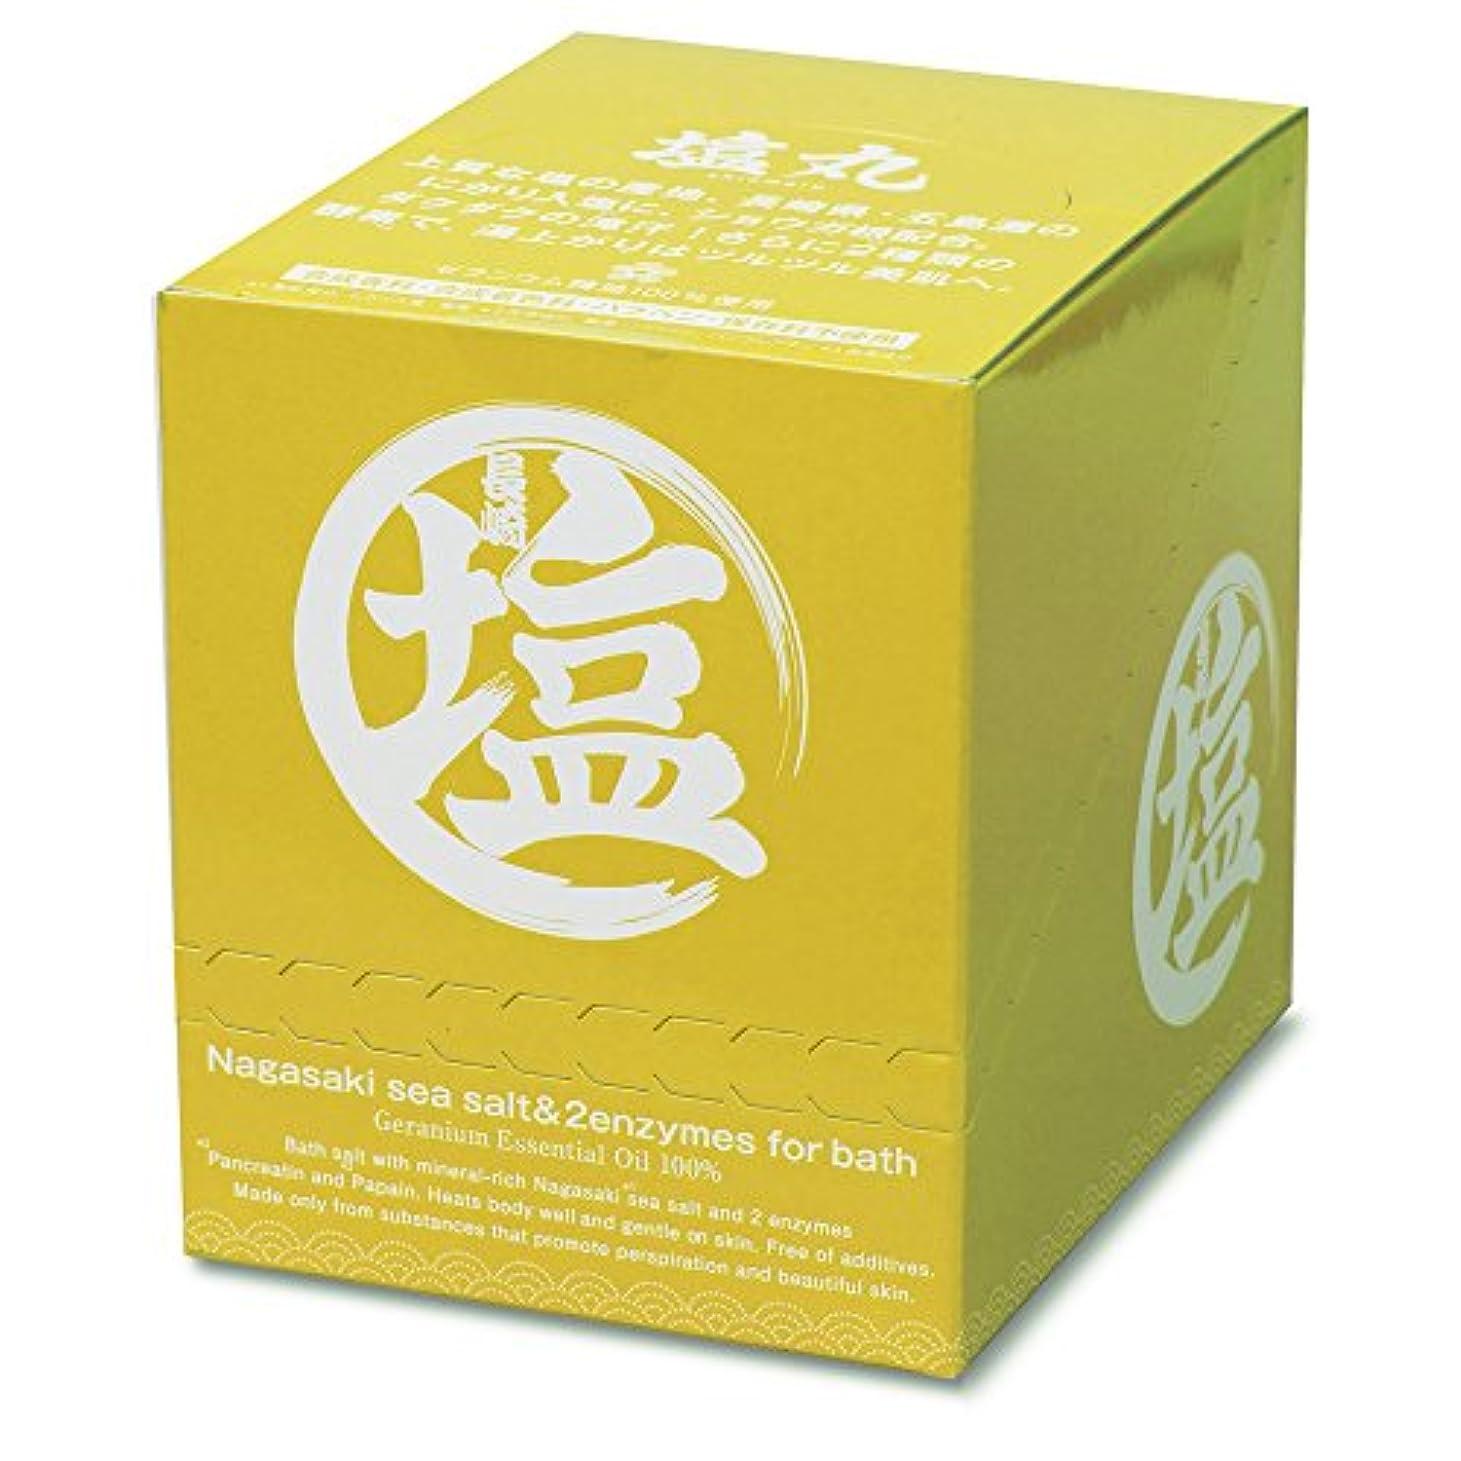 つまらないく聞く(塩丸)長崎産にがり入海塩入浴剤(40g×12包入)イランイラン精油/合成香料?合成着色料?保存料不使用